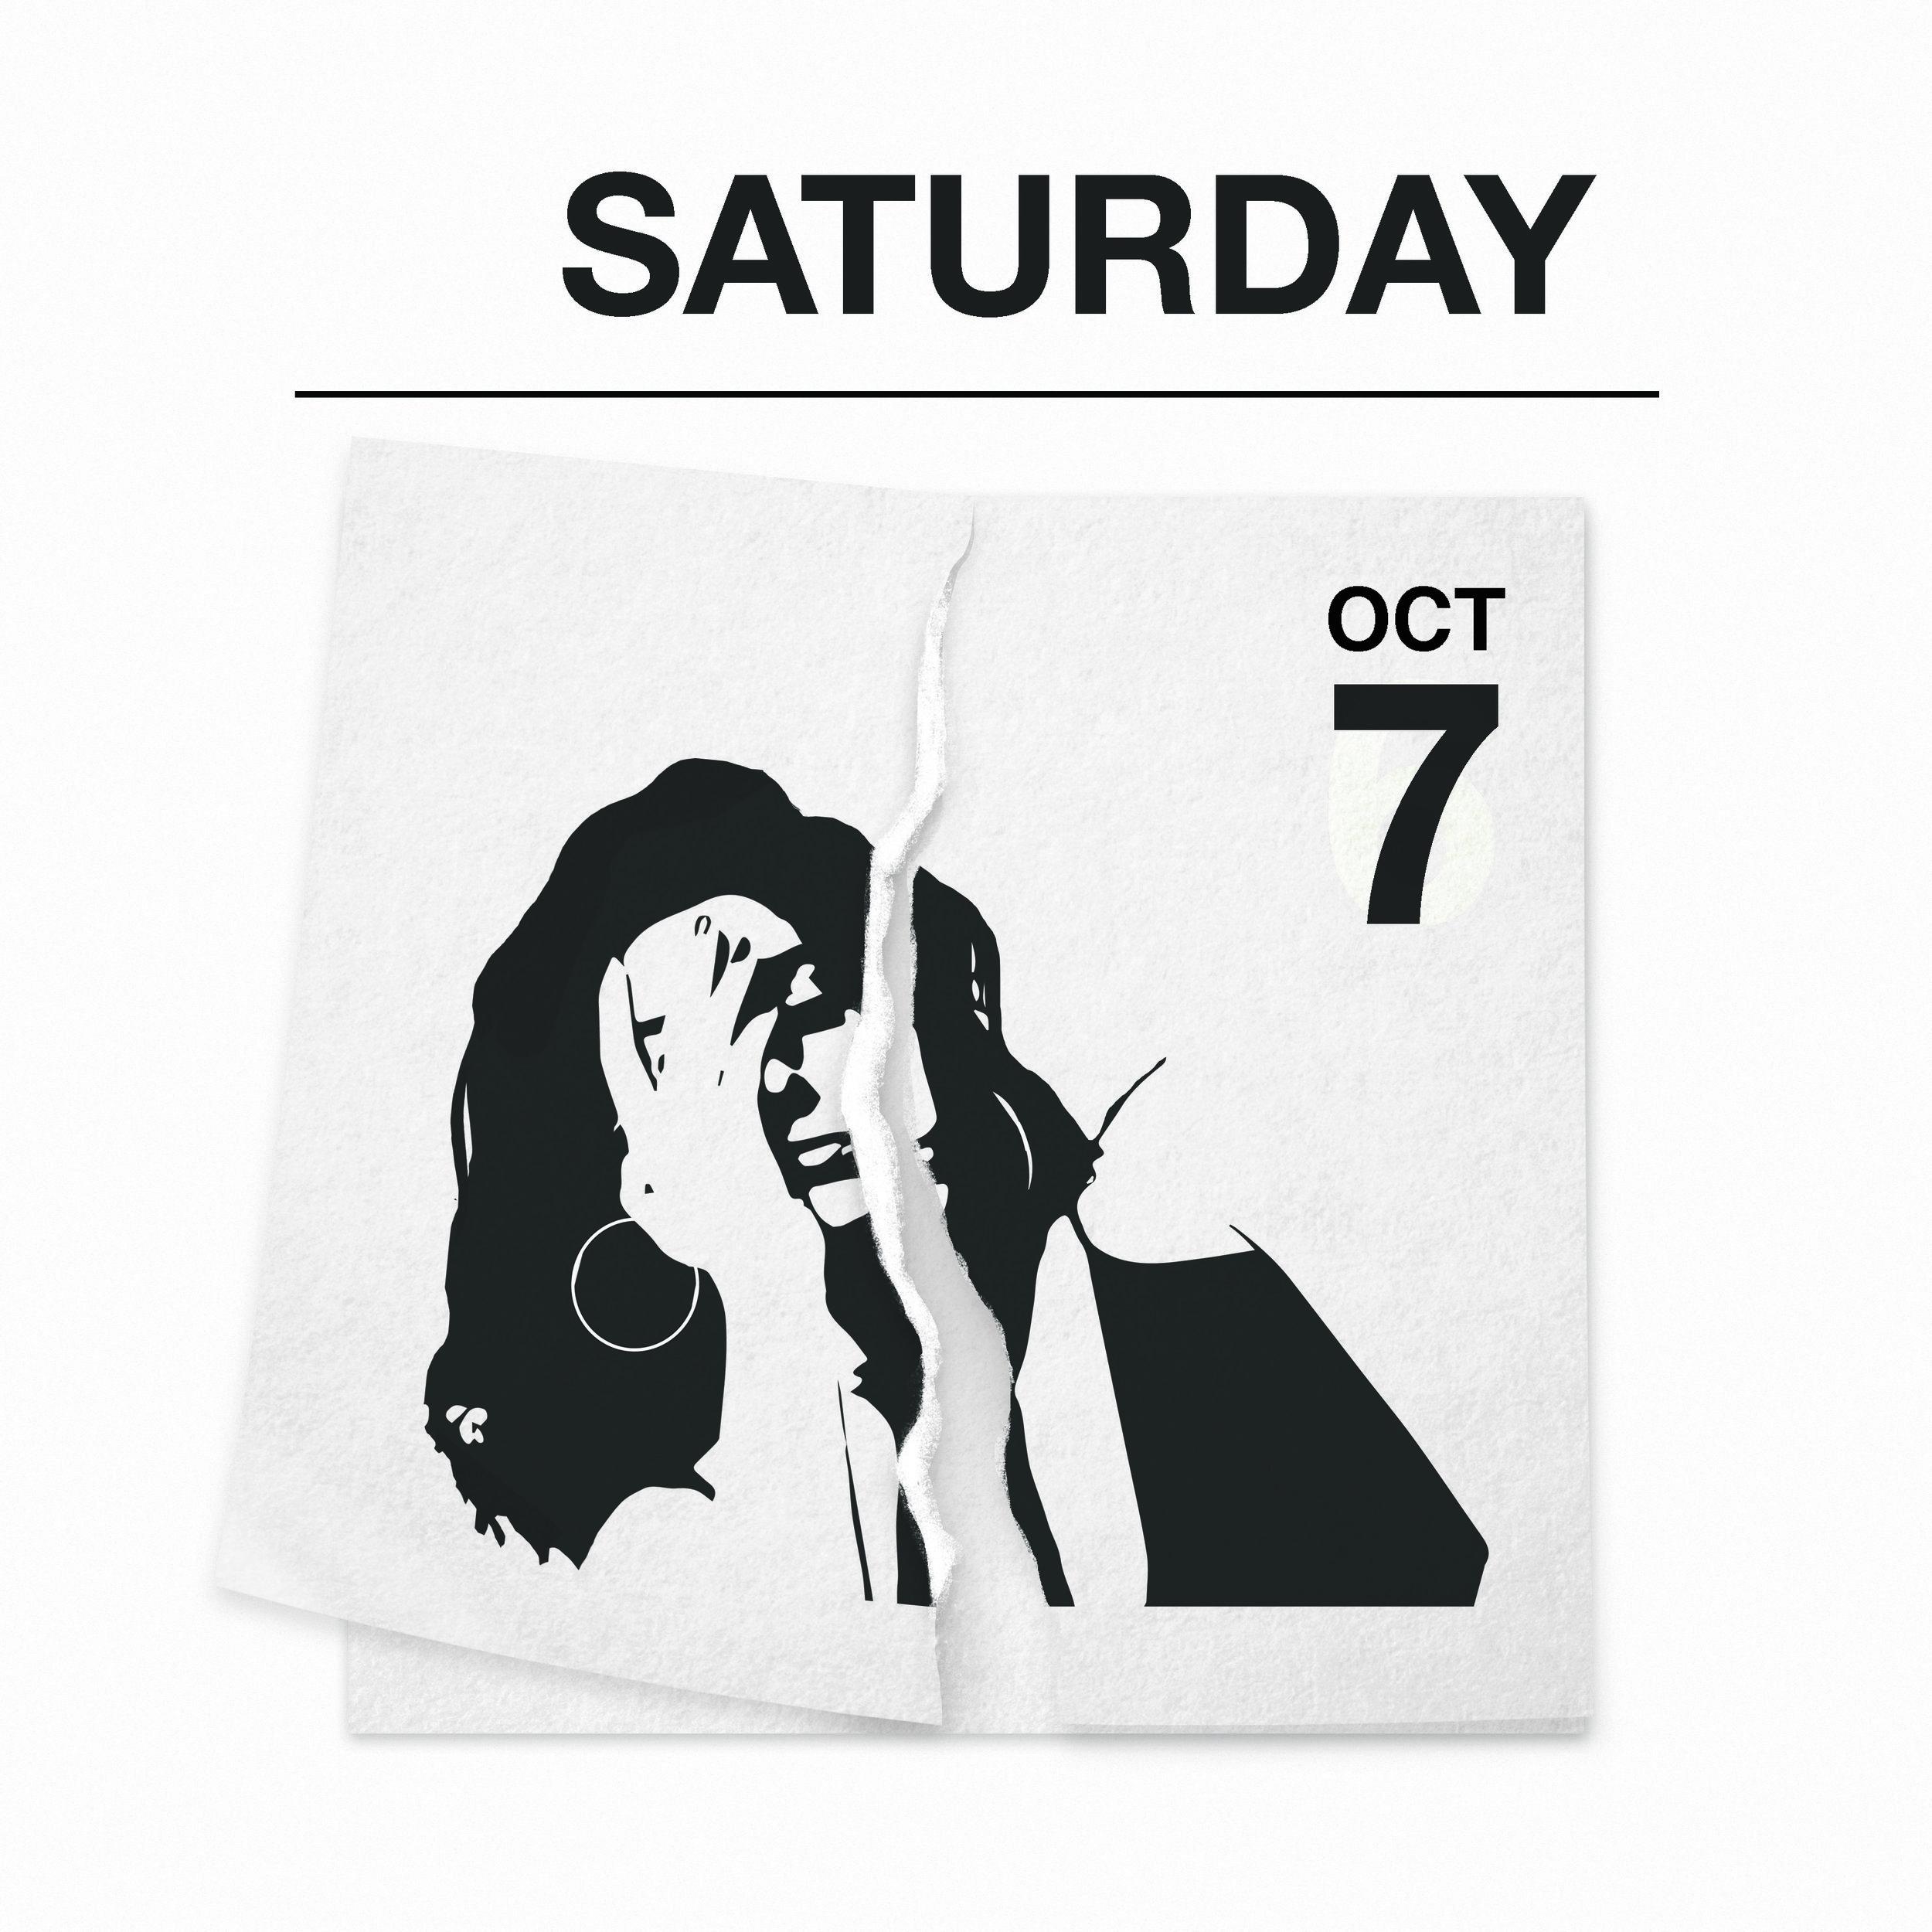 calendar october 7.jpg